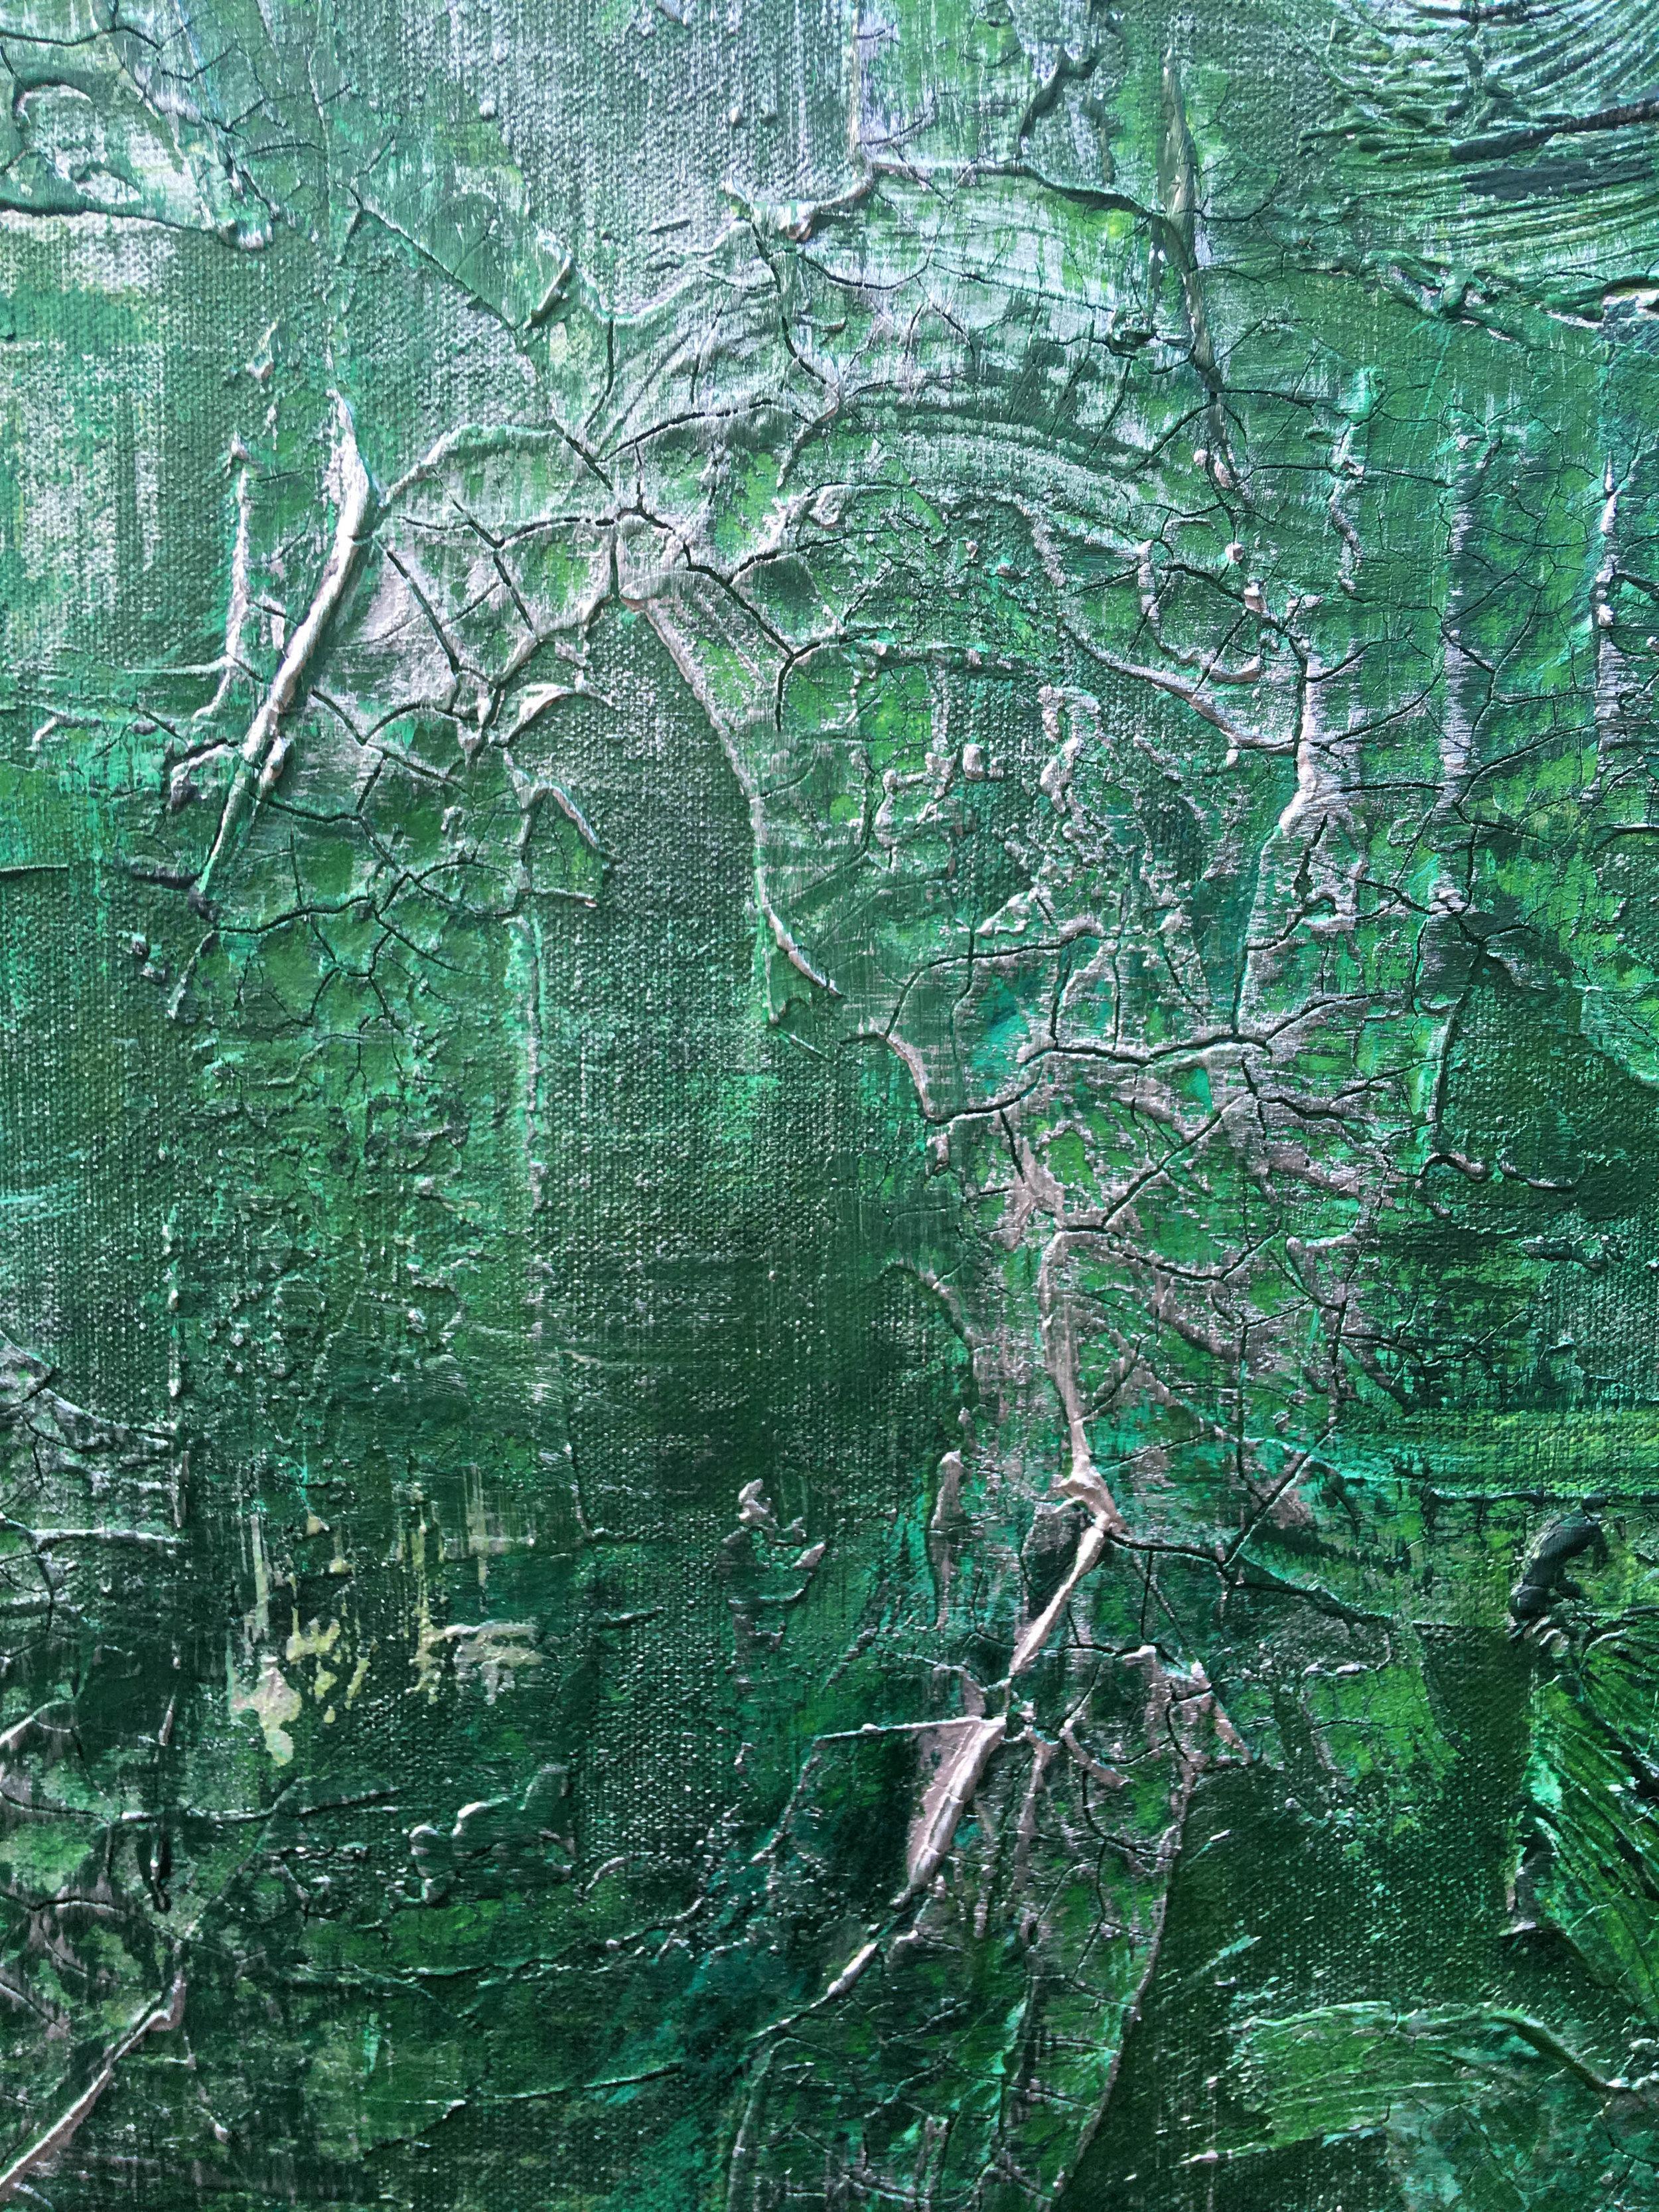 Misty Woods - Detail SamuelDeaconArt